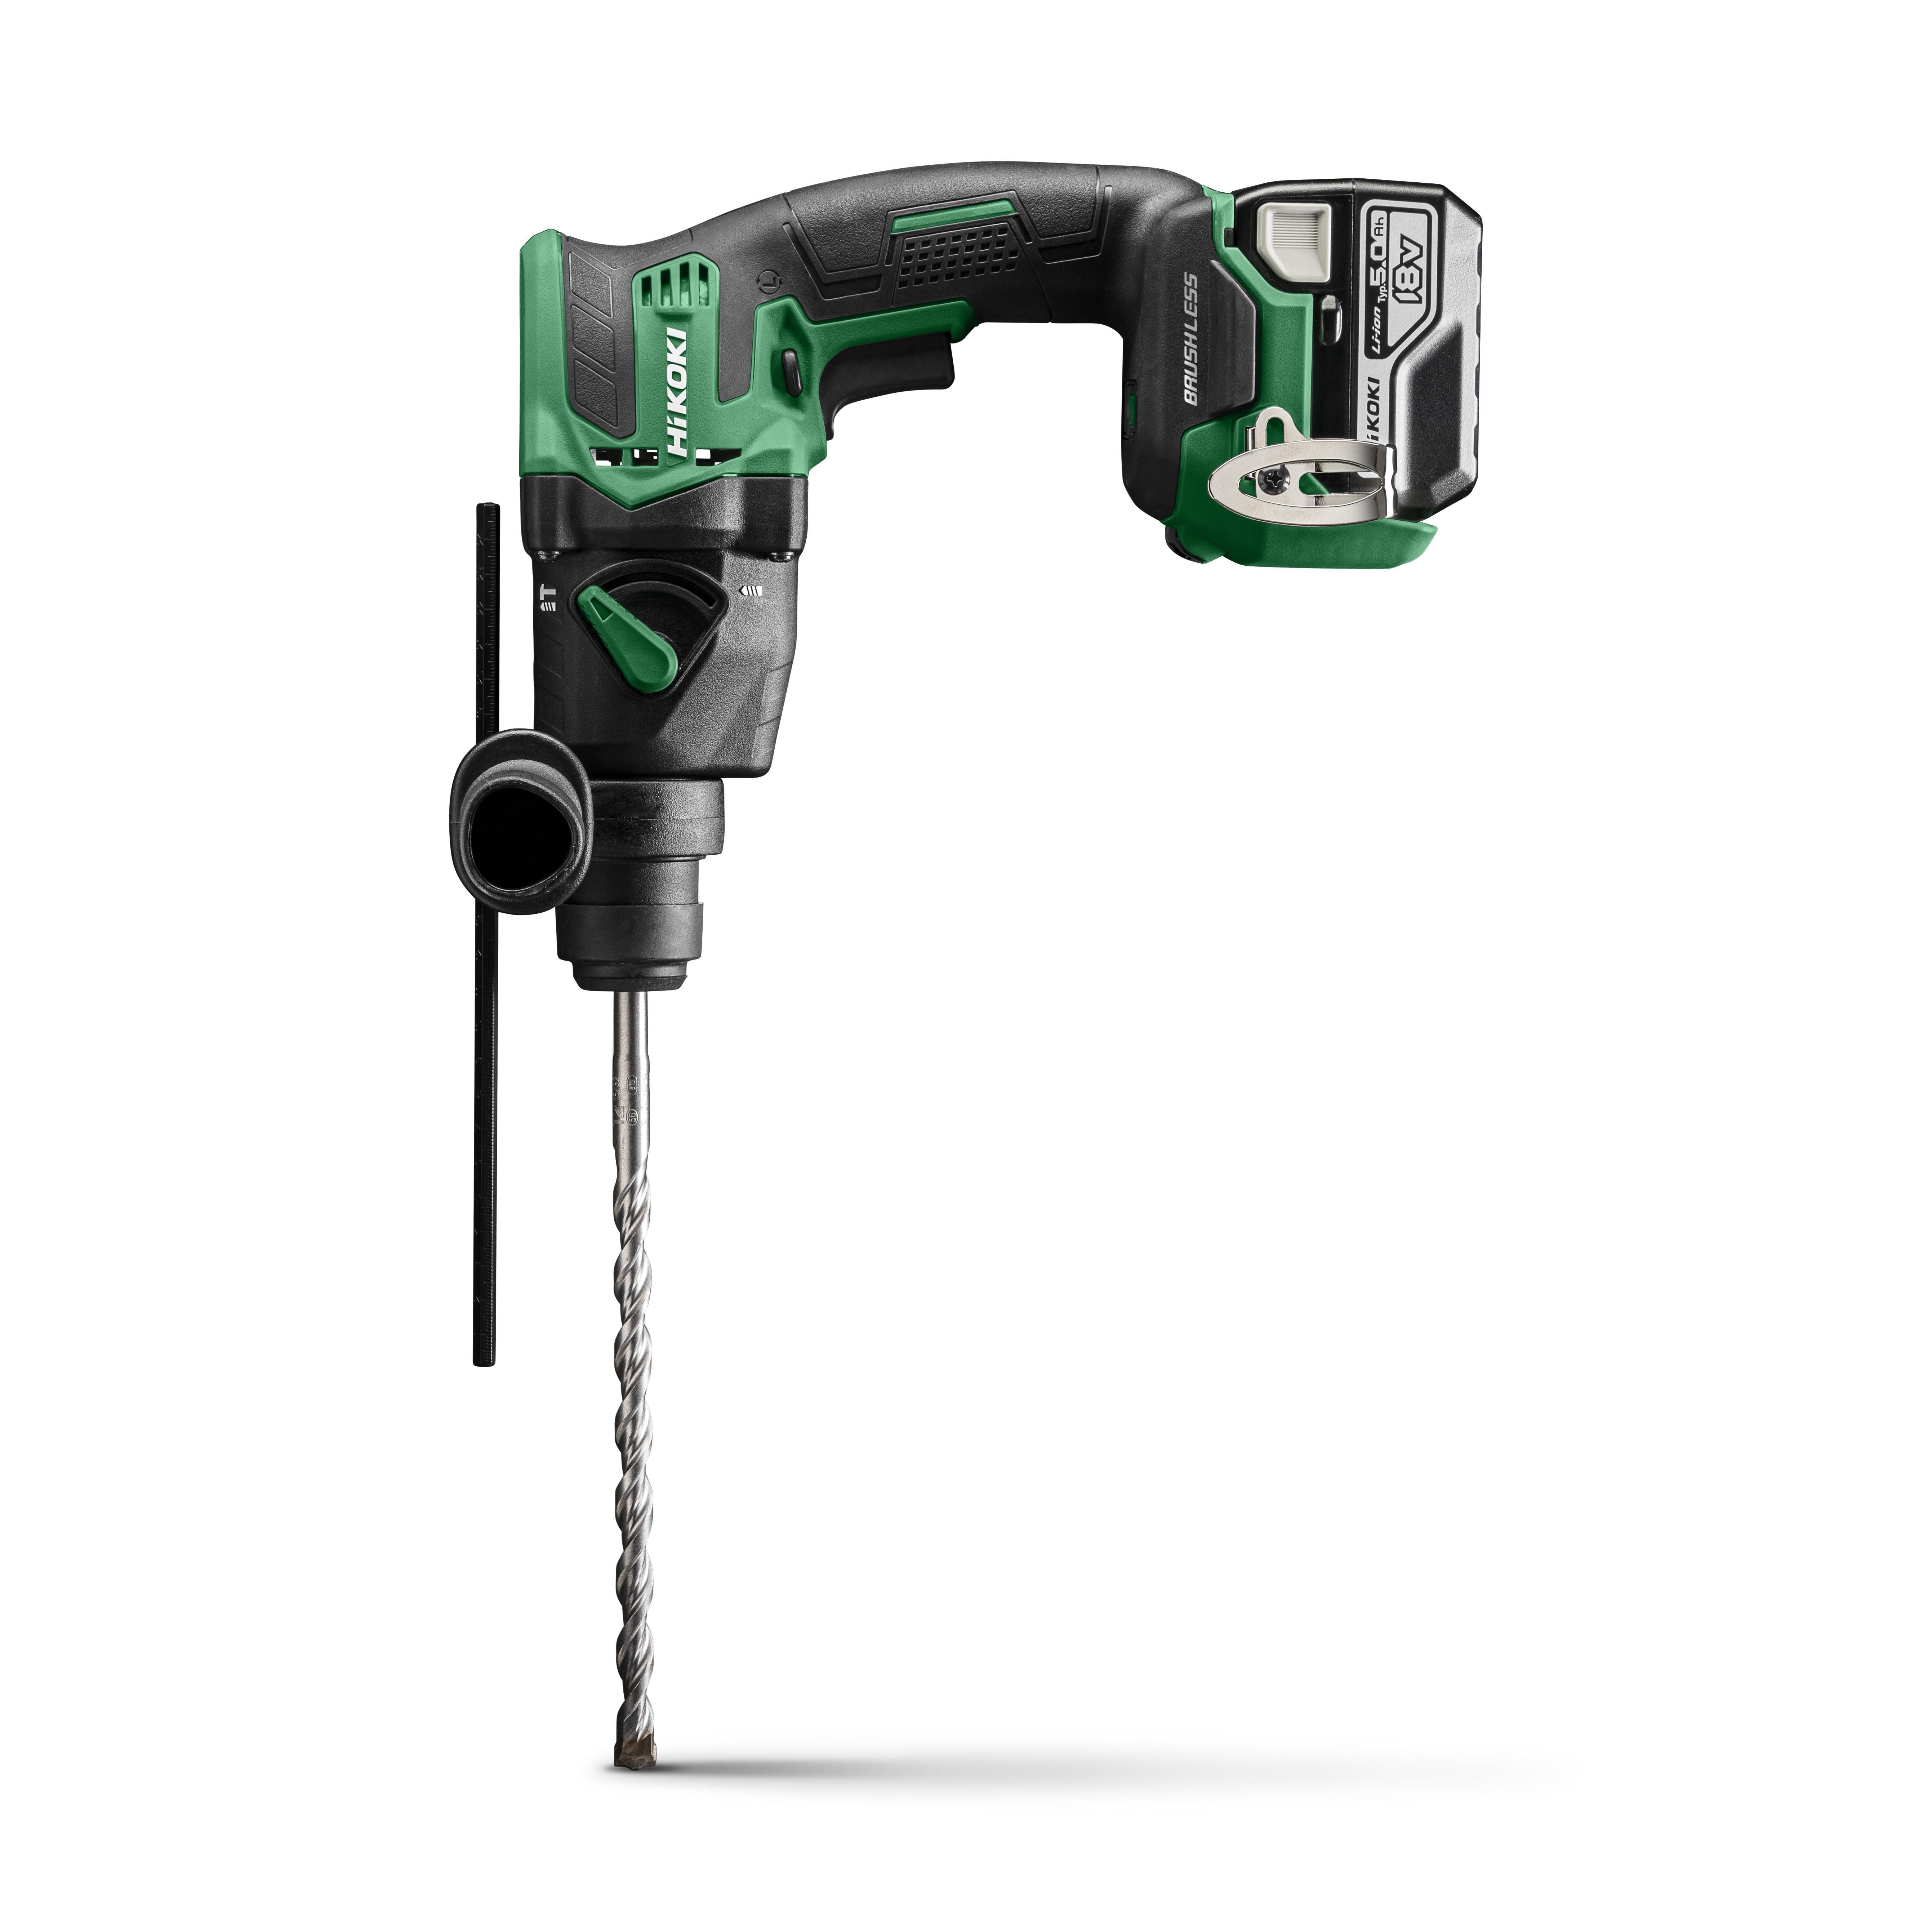 Perforateur 18V 5.0 Ah Brushless 18 mm SDS+